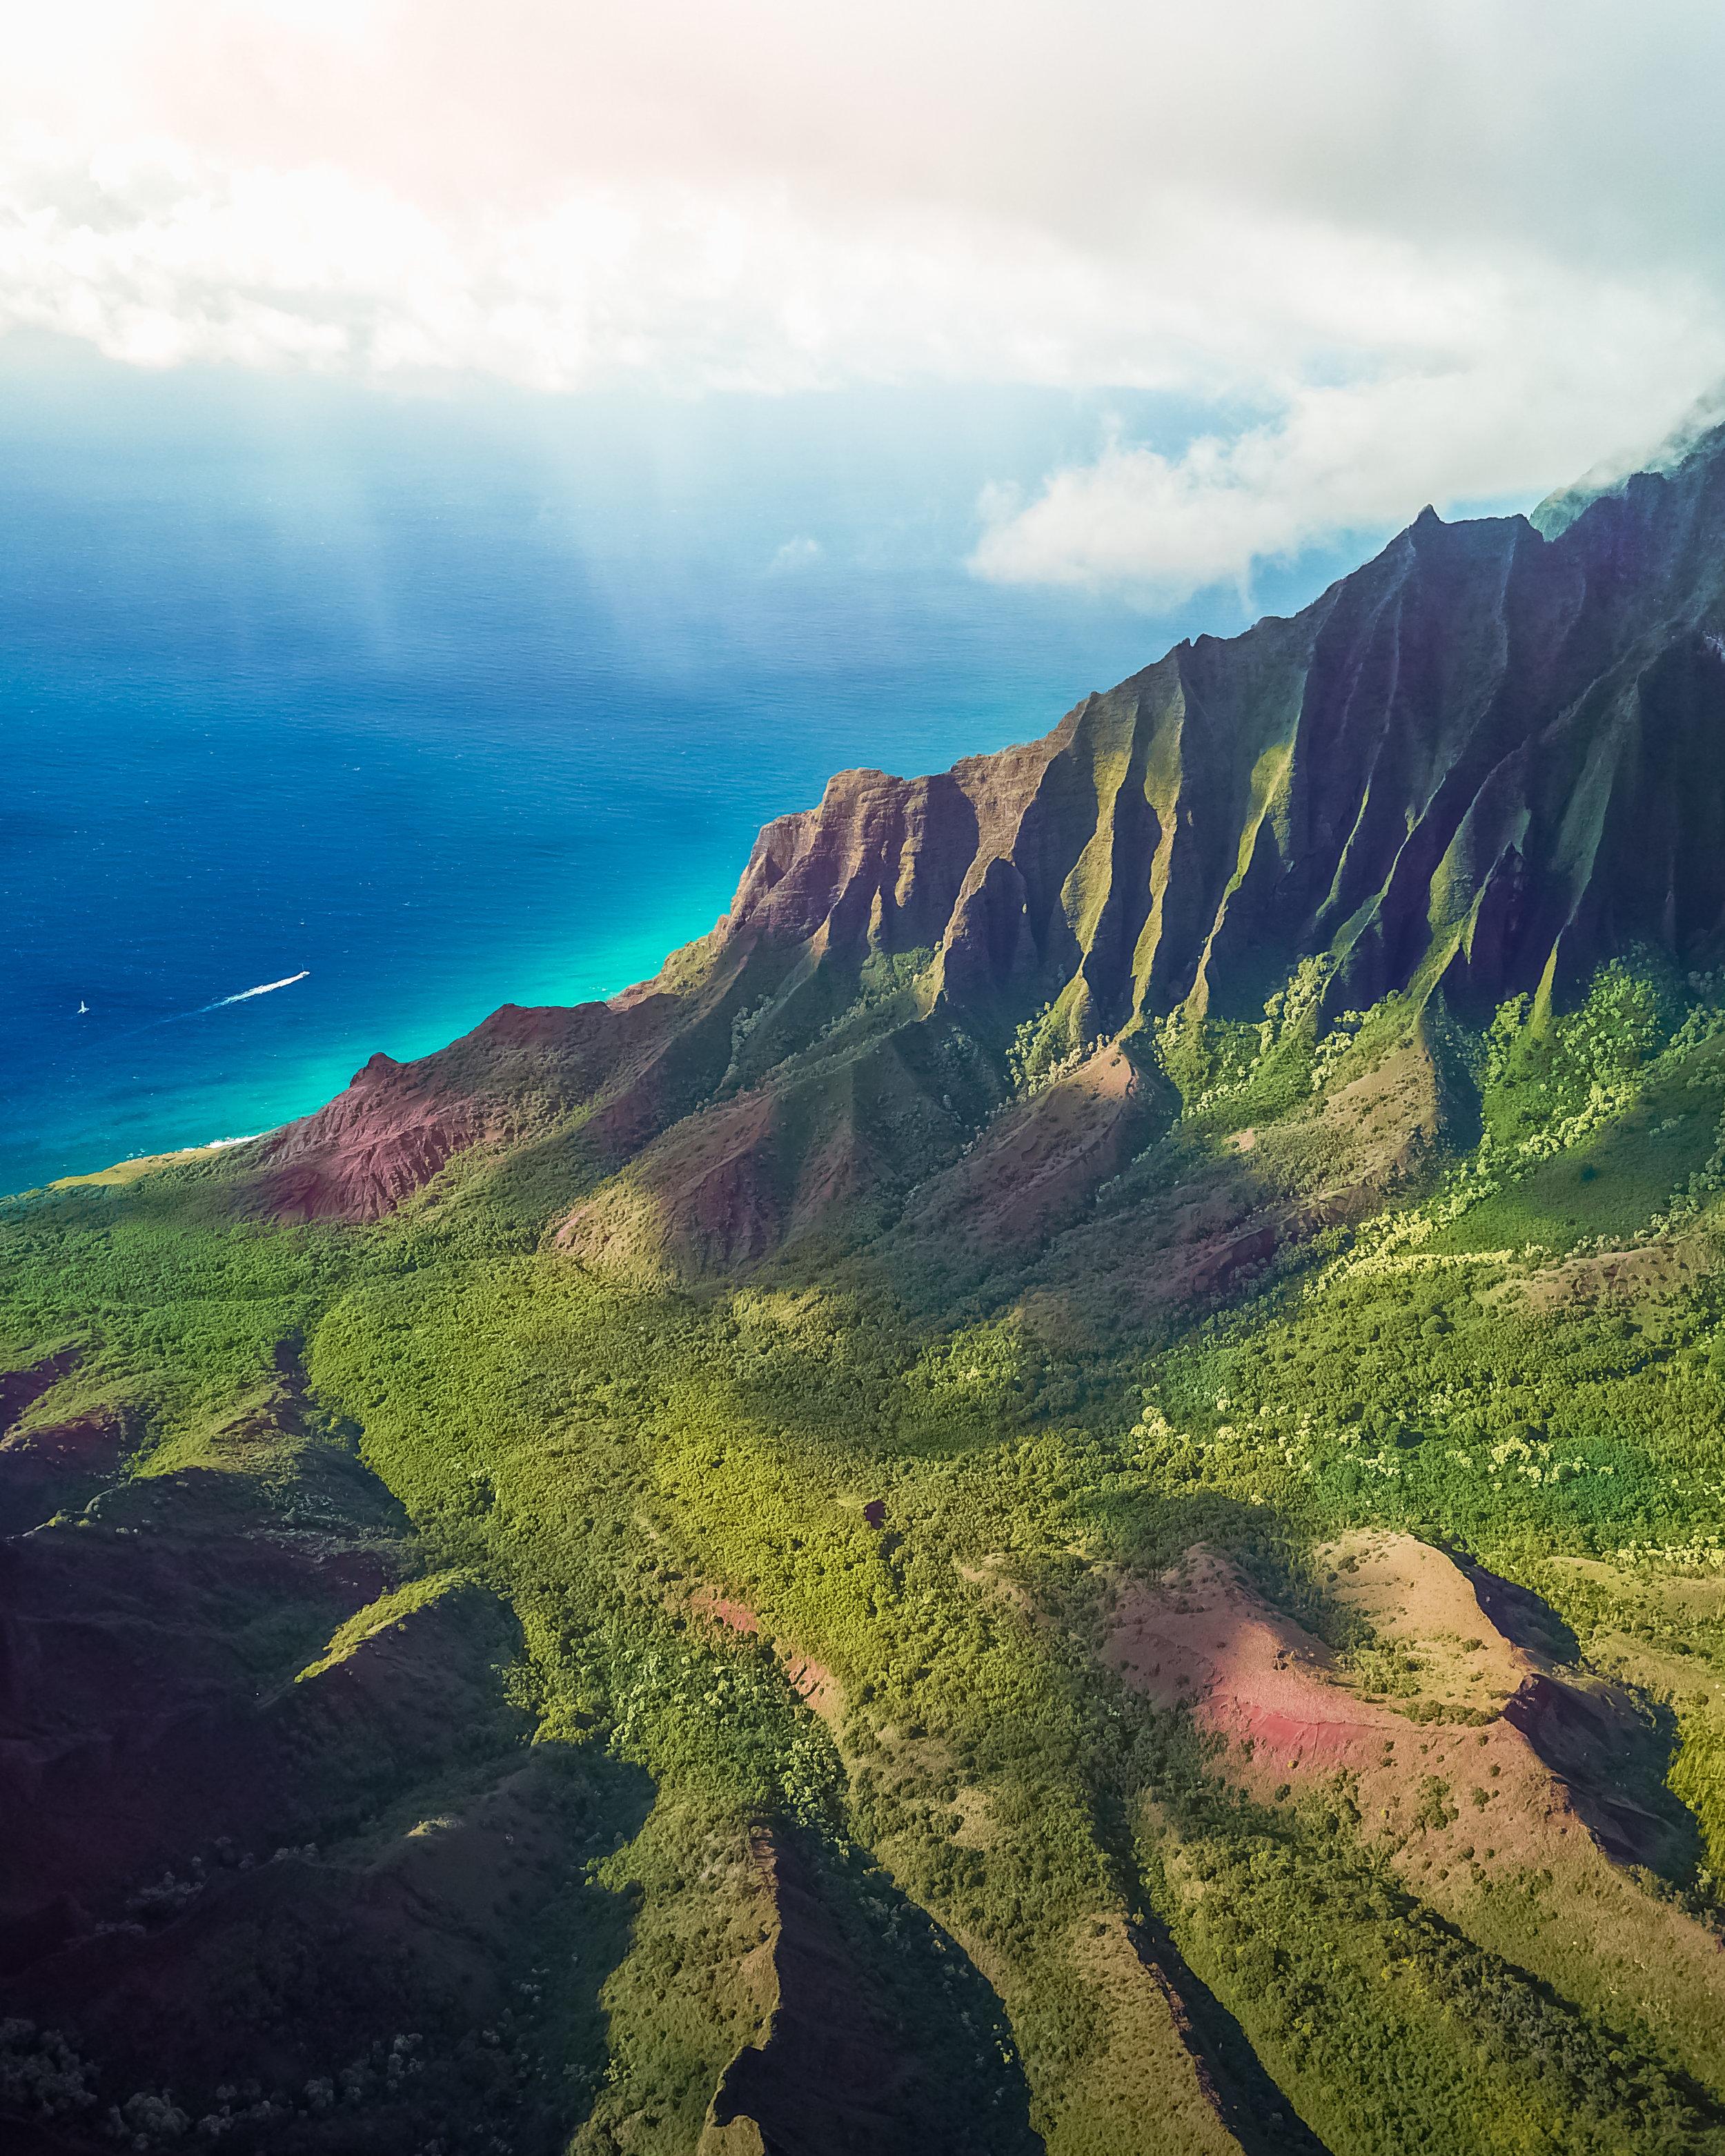 dji drone kauai hawaii connor trimble